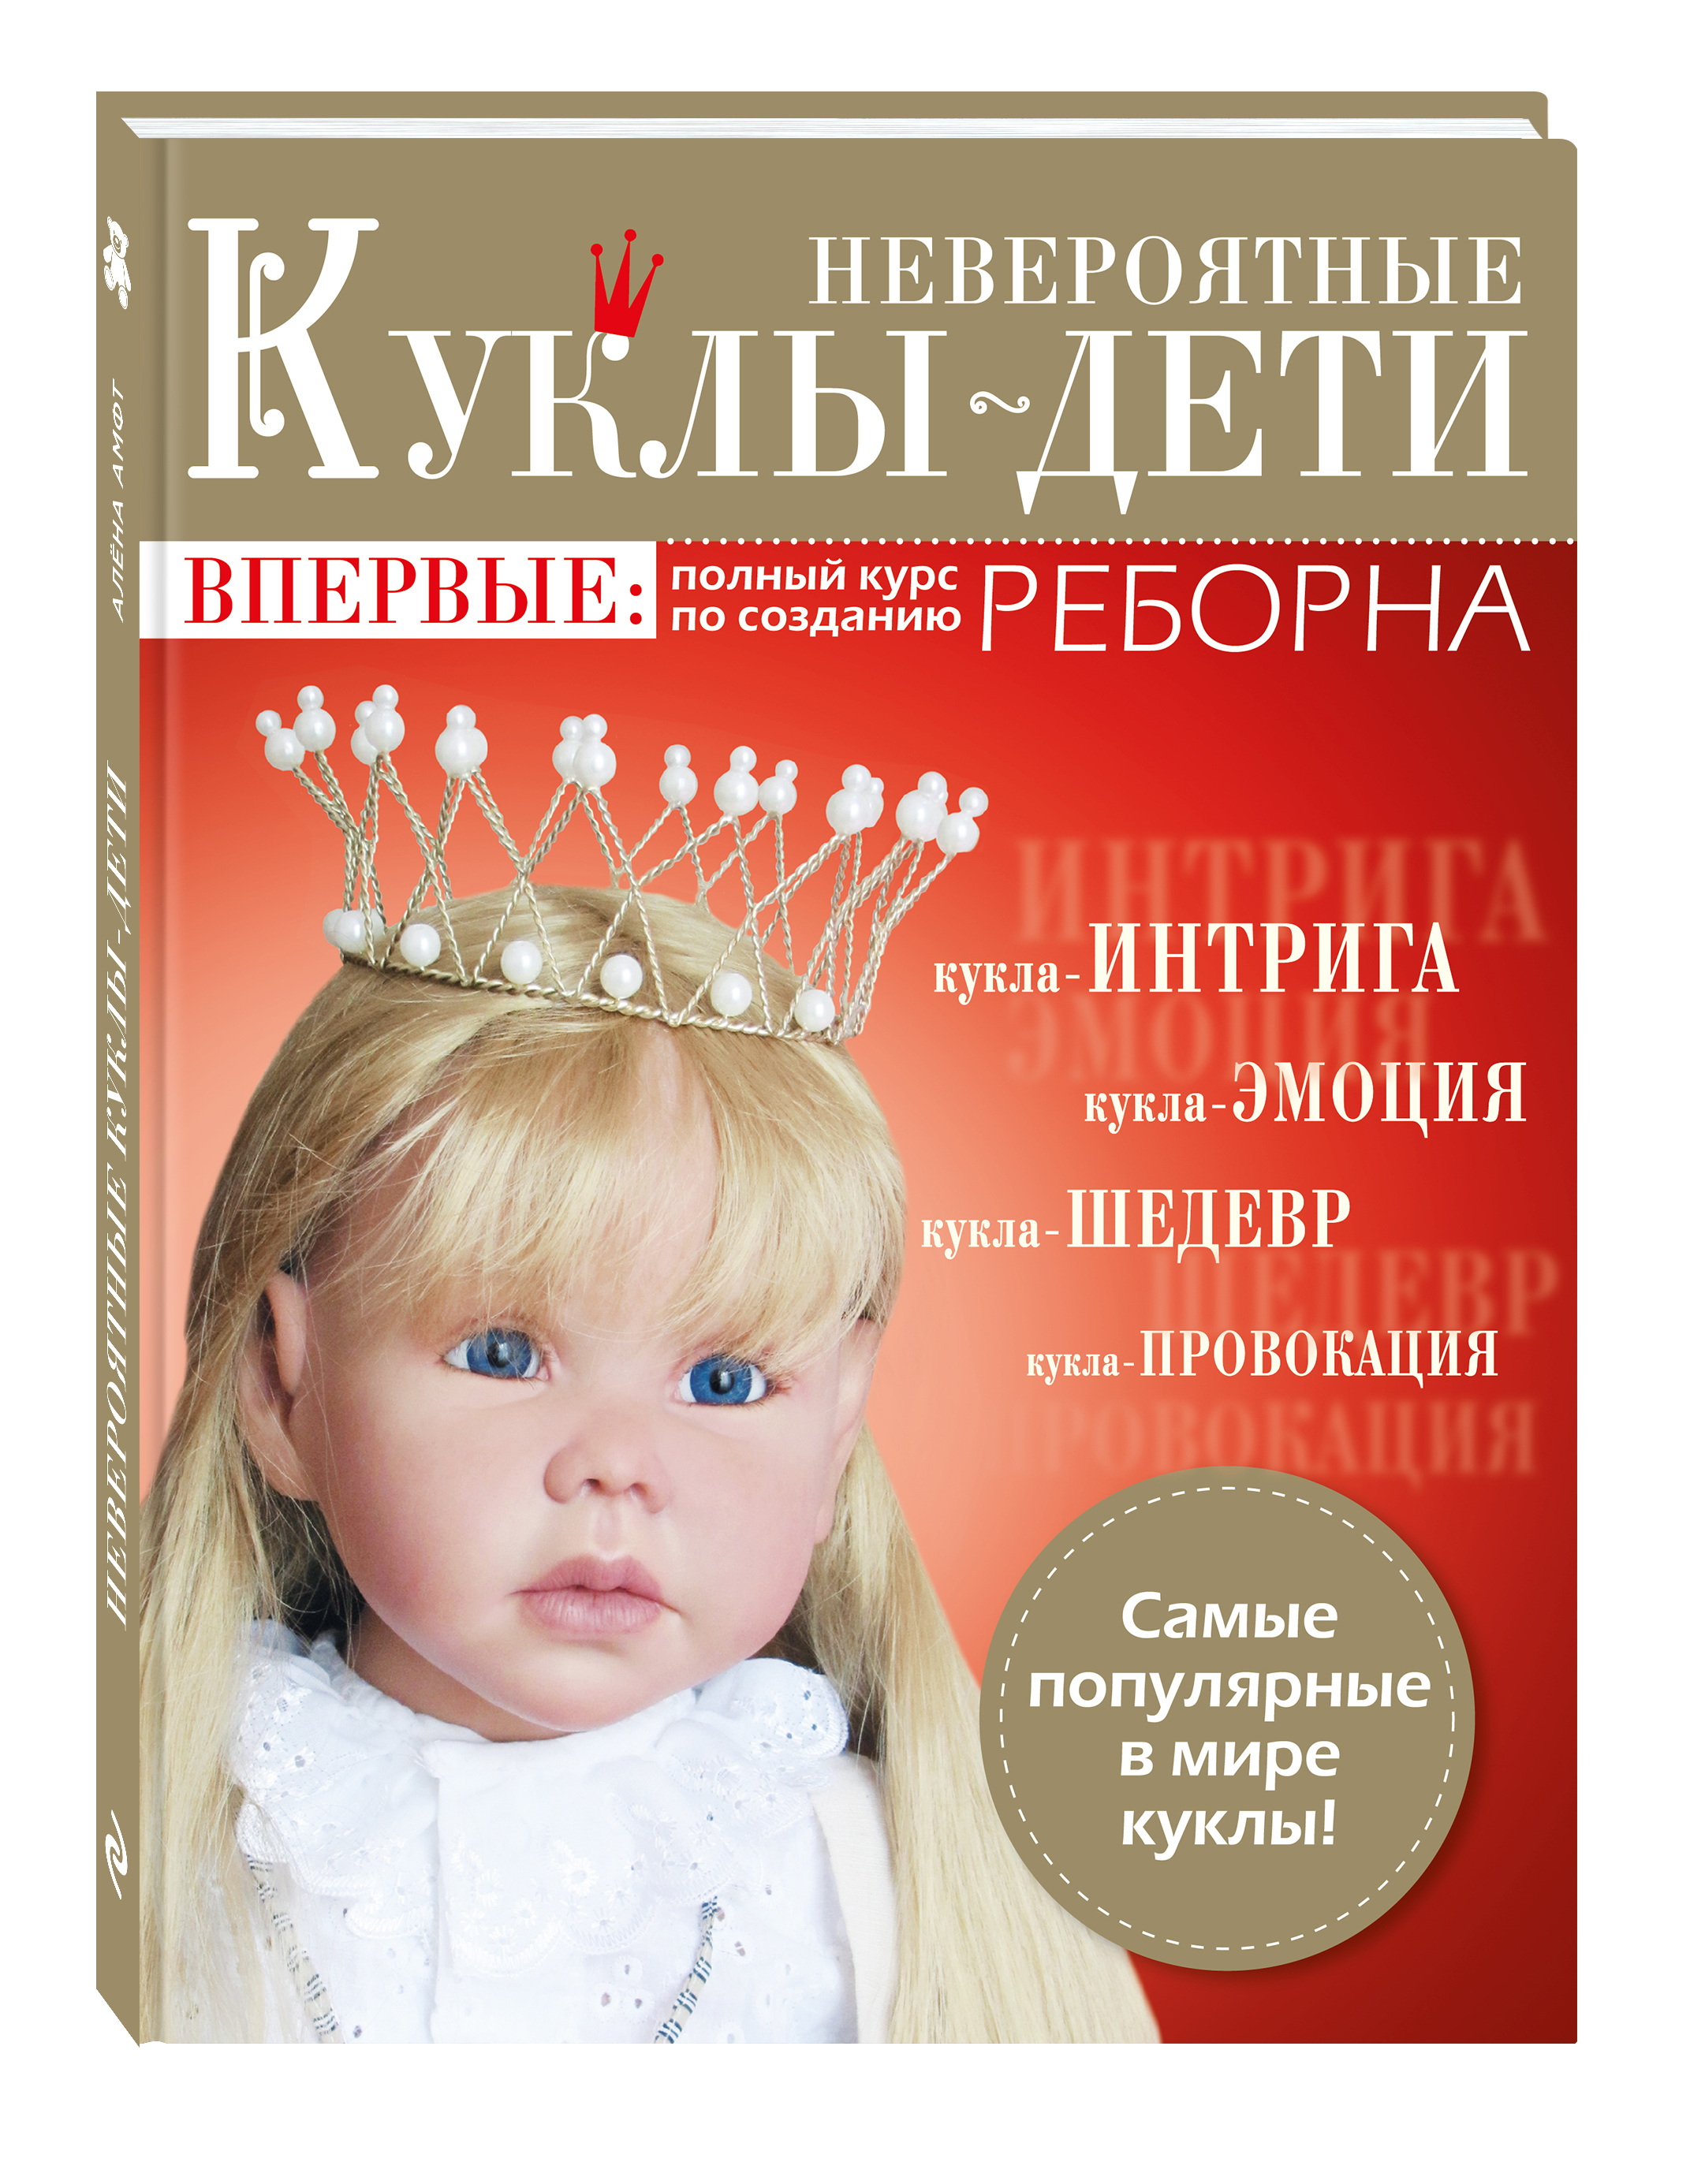 Амфт Алена Невероятные куклы-дети. Впервые: полный курс по созданию РЕБОРНА